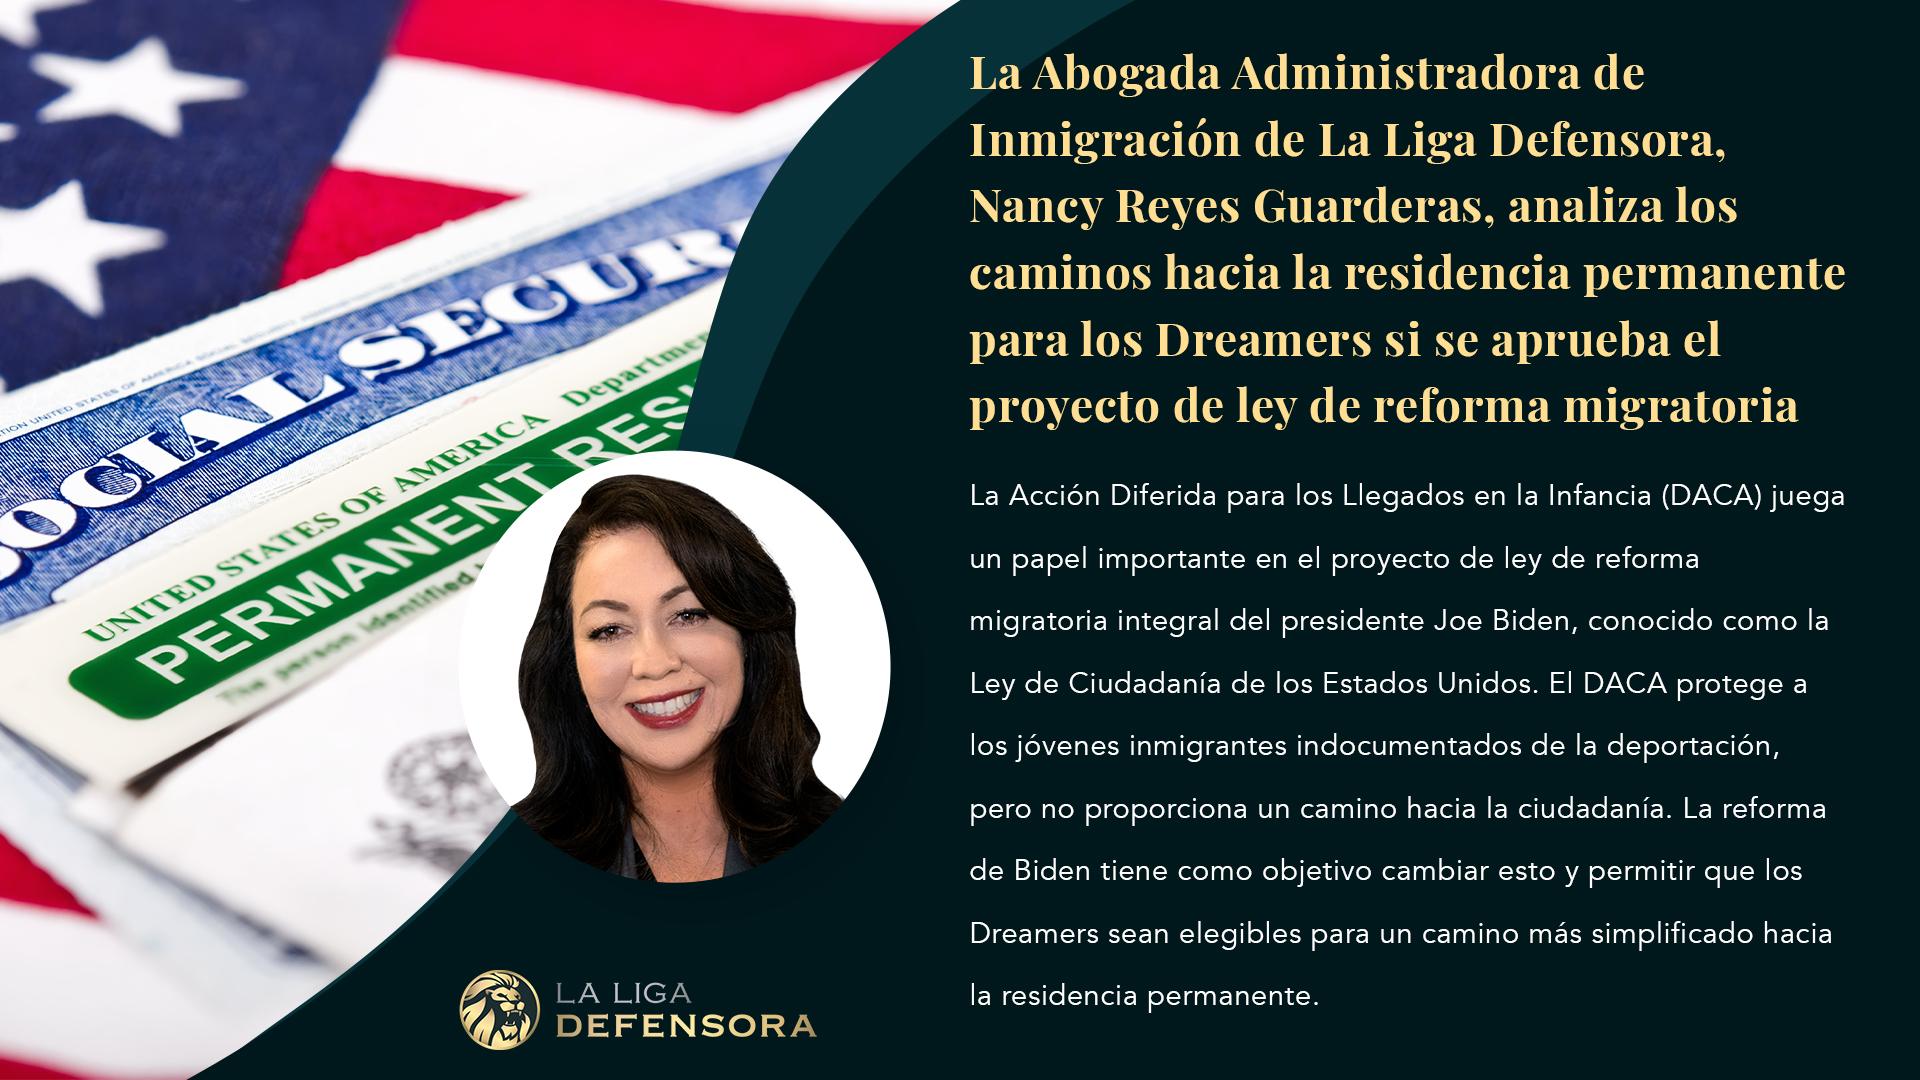 La Abogada Administradora de Inmigración de La Liga Defensora, Nancy Reyes Guarderas, analiza los caminos hacia la residencia permanente para los Dreamers si se aprueba el proyecto de ley de reforma